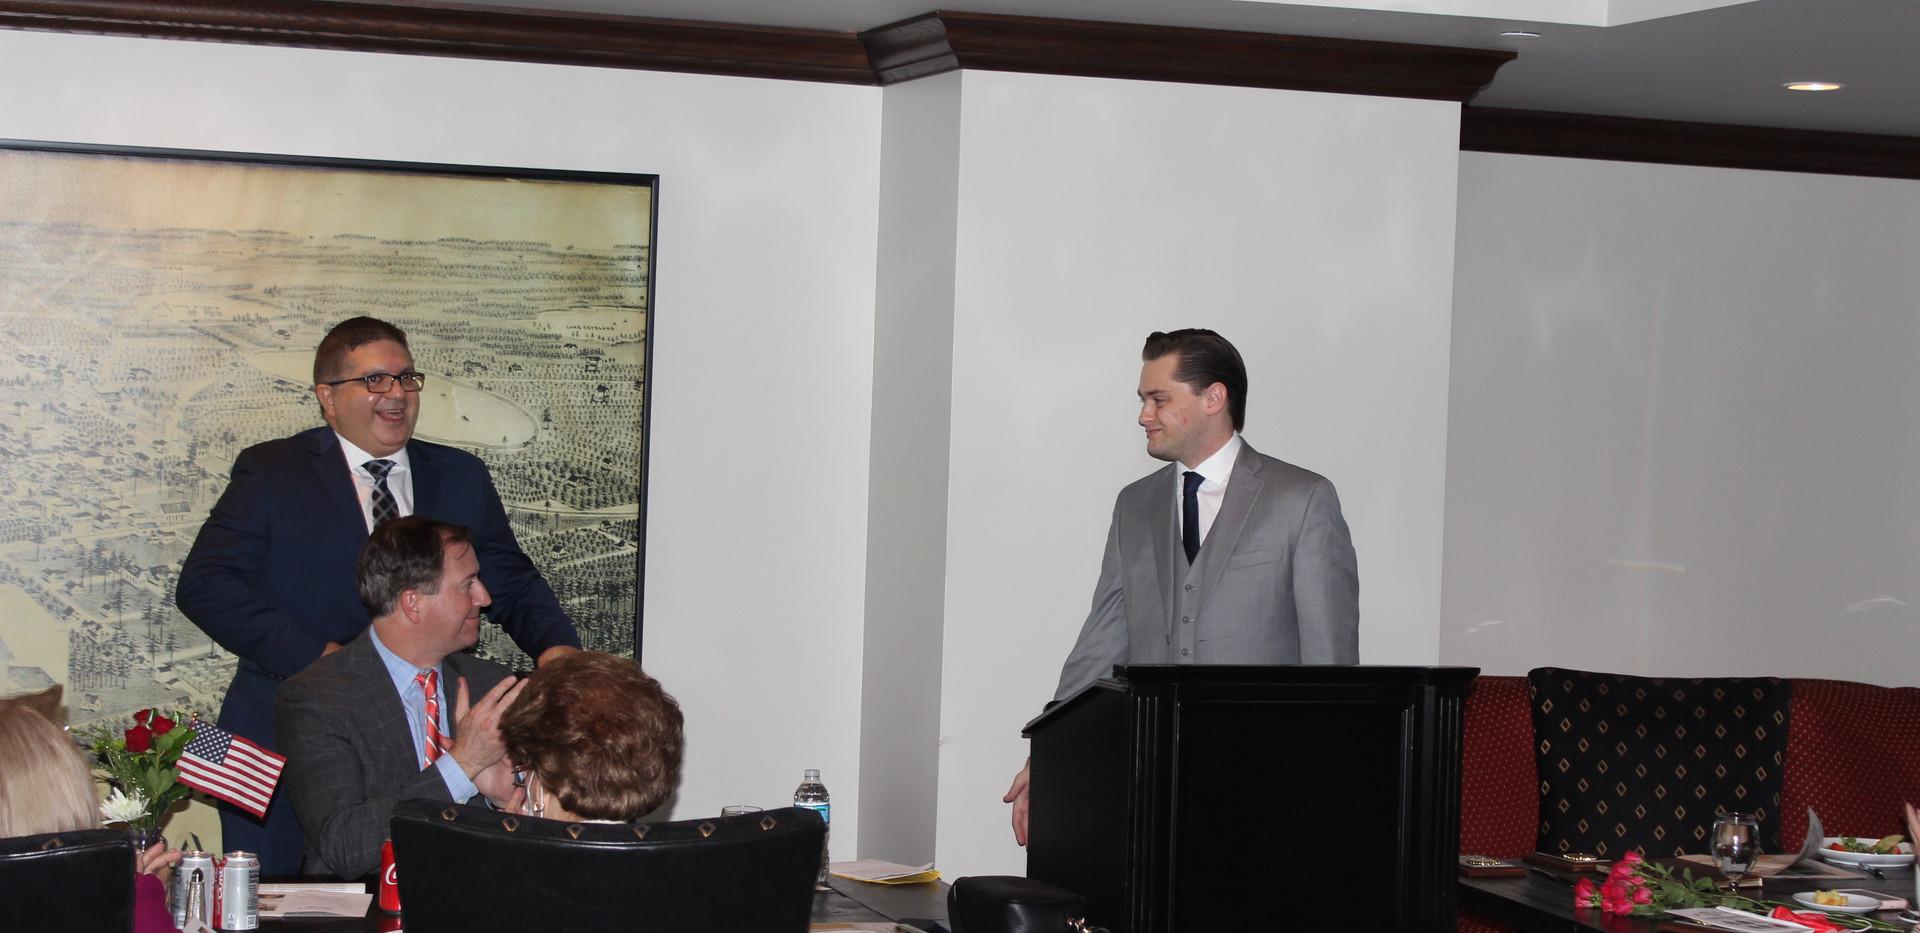 Francisco Gonzalez, Emmett Imani, Marshall Swanson